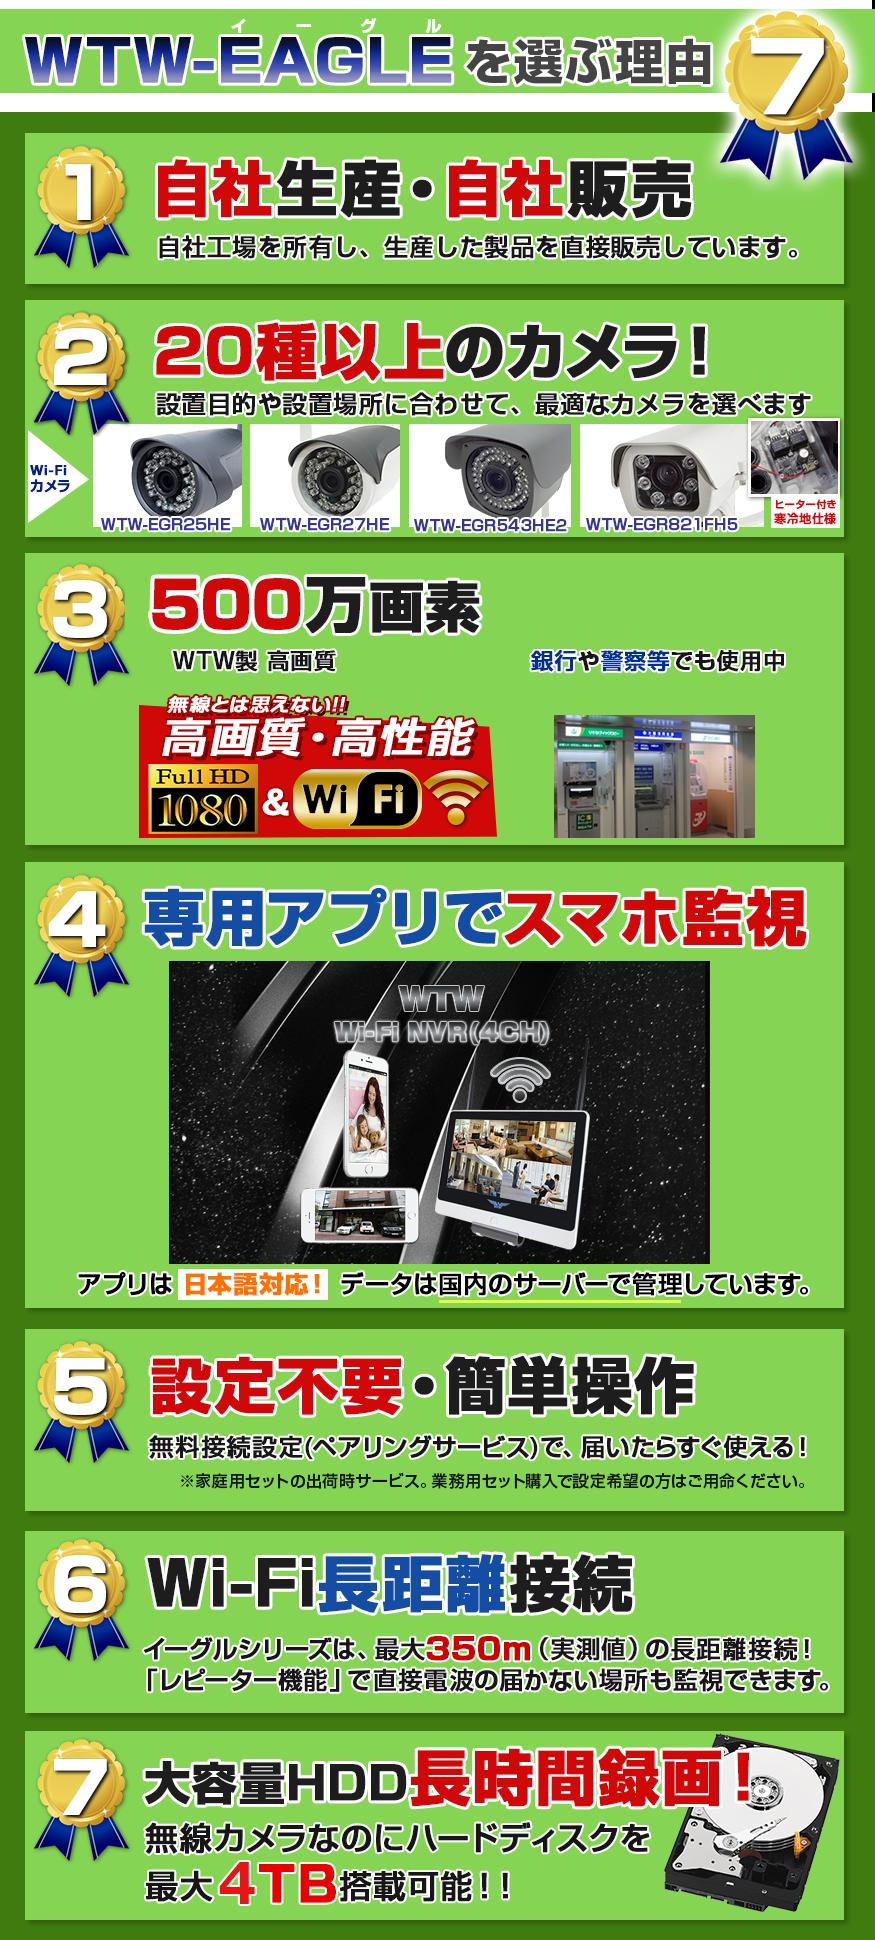 �恂{無線が推薦する 最高の無線カメラ WTW-イーグルを買う為の 六か条!